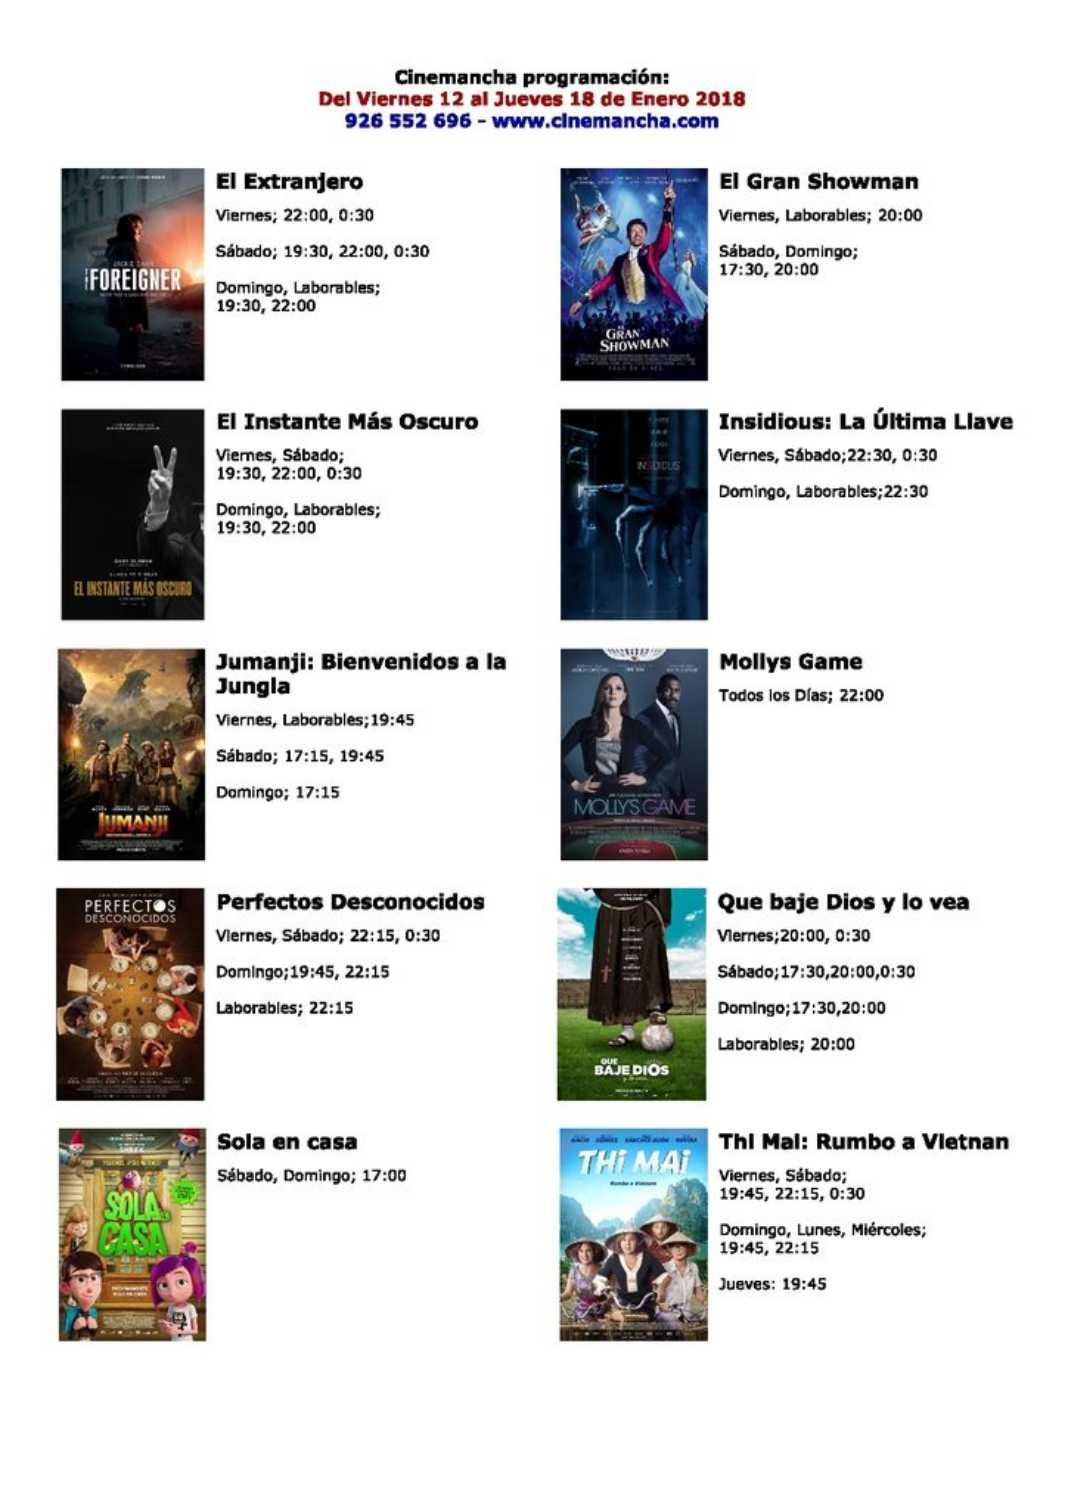 cartelera de cinemancha del 12 al 18 enero 1068x1511 - Cartelera Cinemancha del 12 al 18 de enero